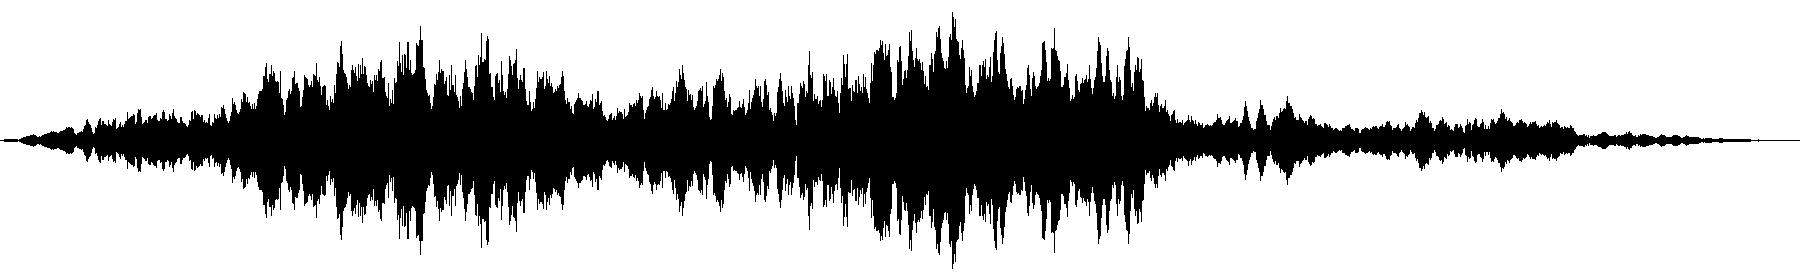 vfx1 atmos 02